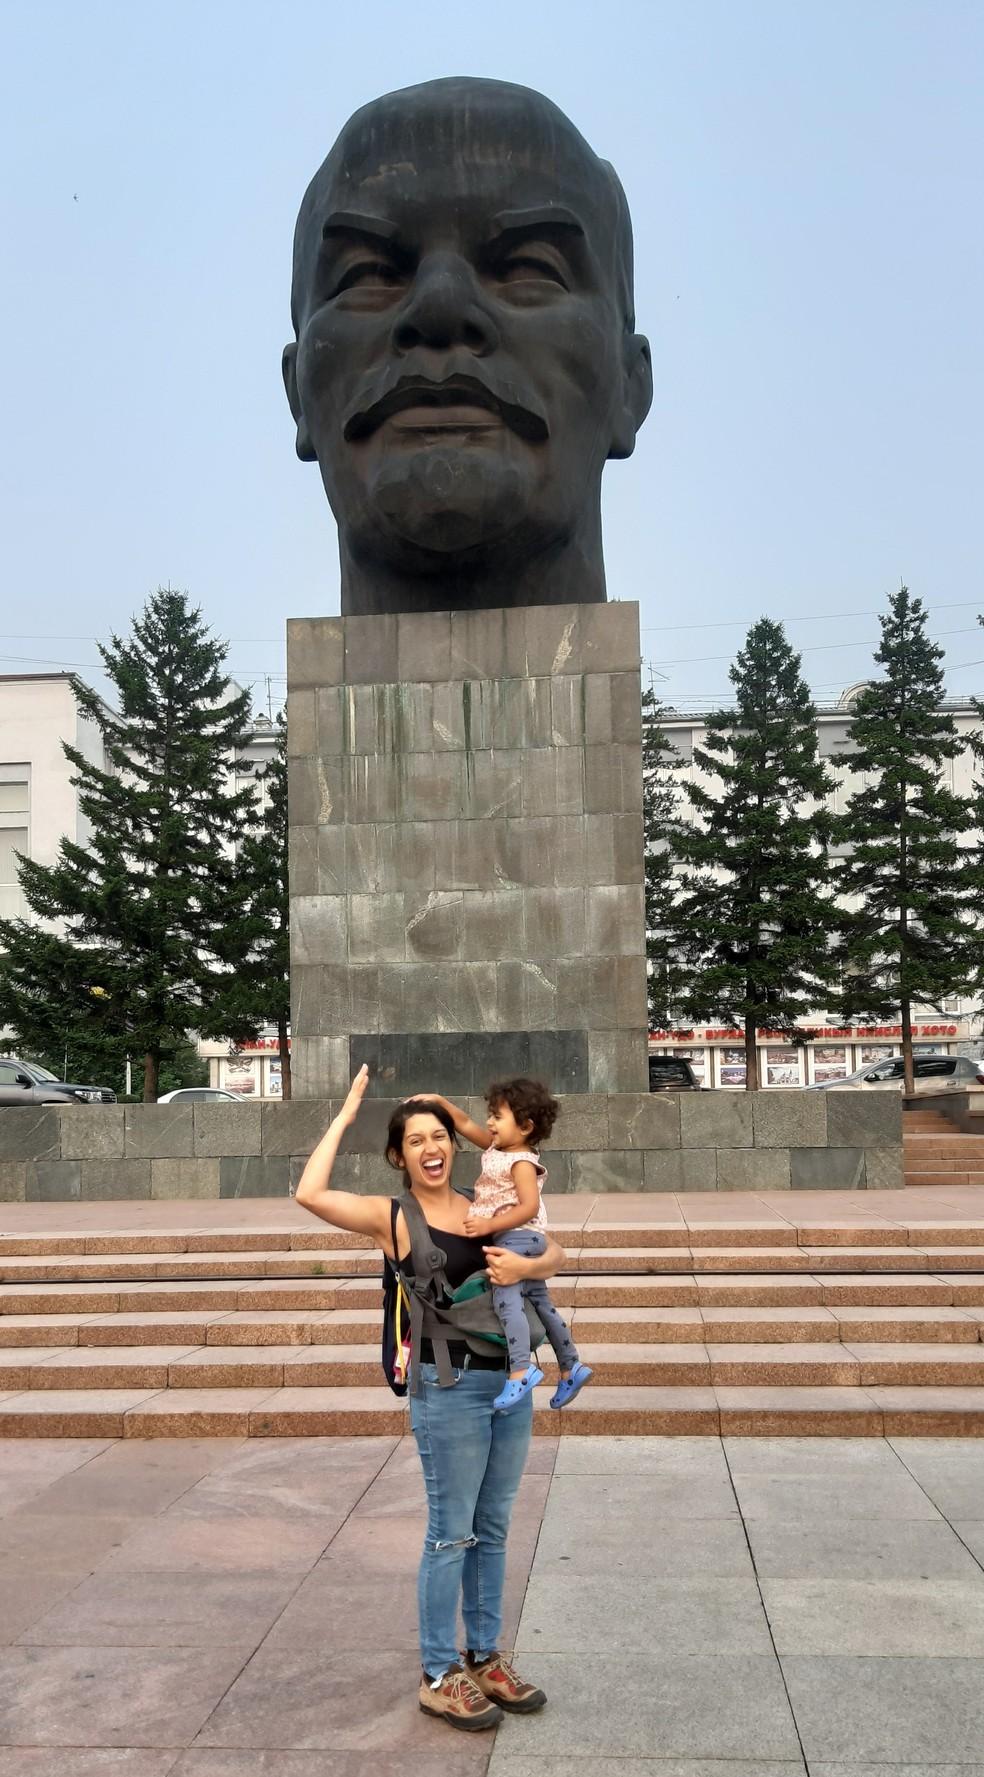 Gabriela, Olívia e a 'cabeça gigante do Lênin' em Ulan-Ude, na Rússia, próximo à fronteira com a Mongólia. — Foto: Arquivo pessoal/Gabriela Antunes